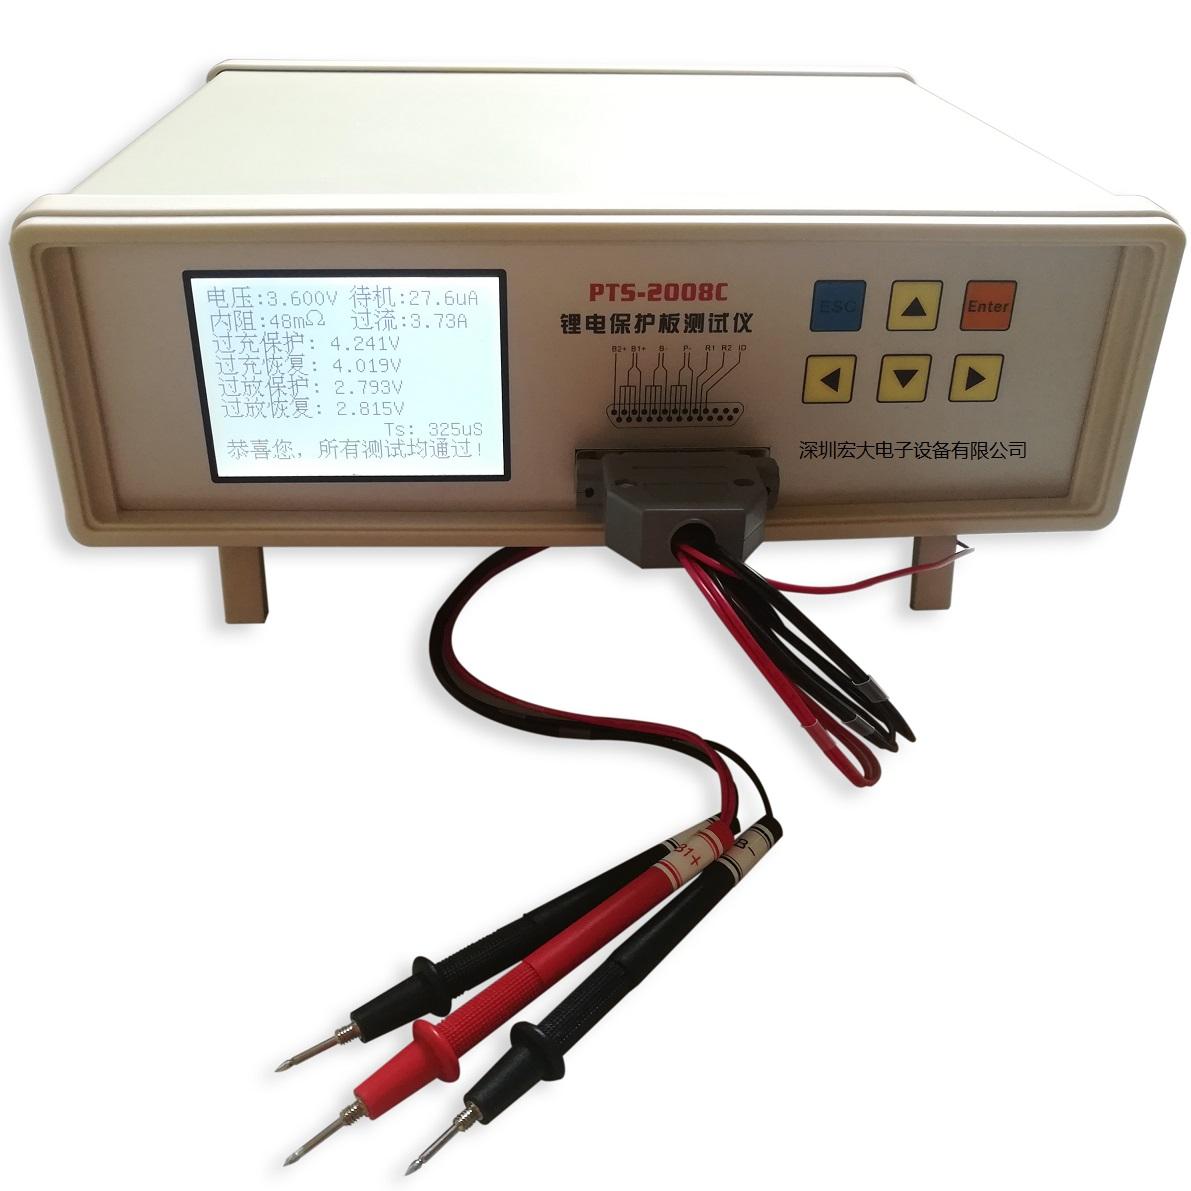 PTS-2008C鋰電池保護板測試儀數碼電池保護板測試儀